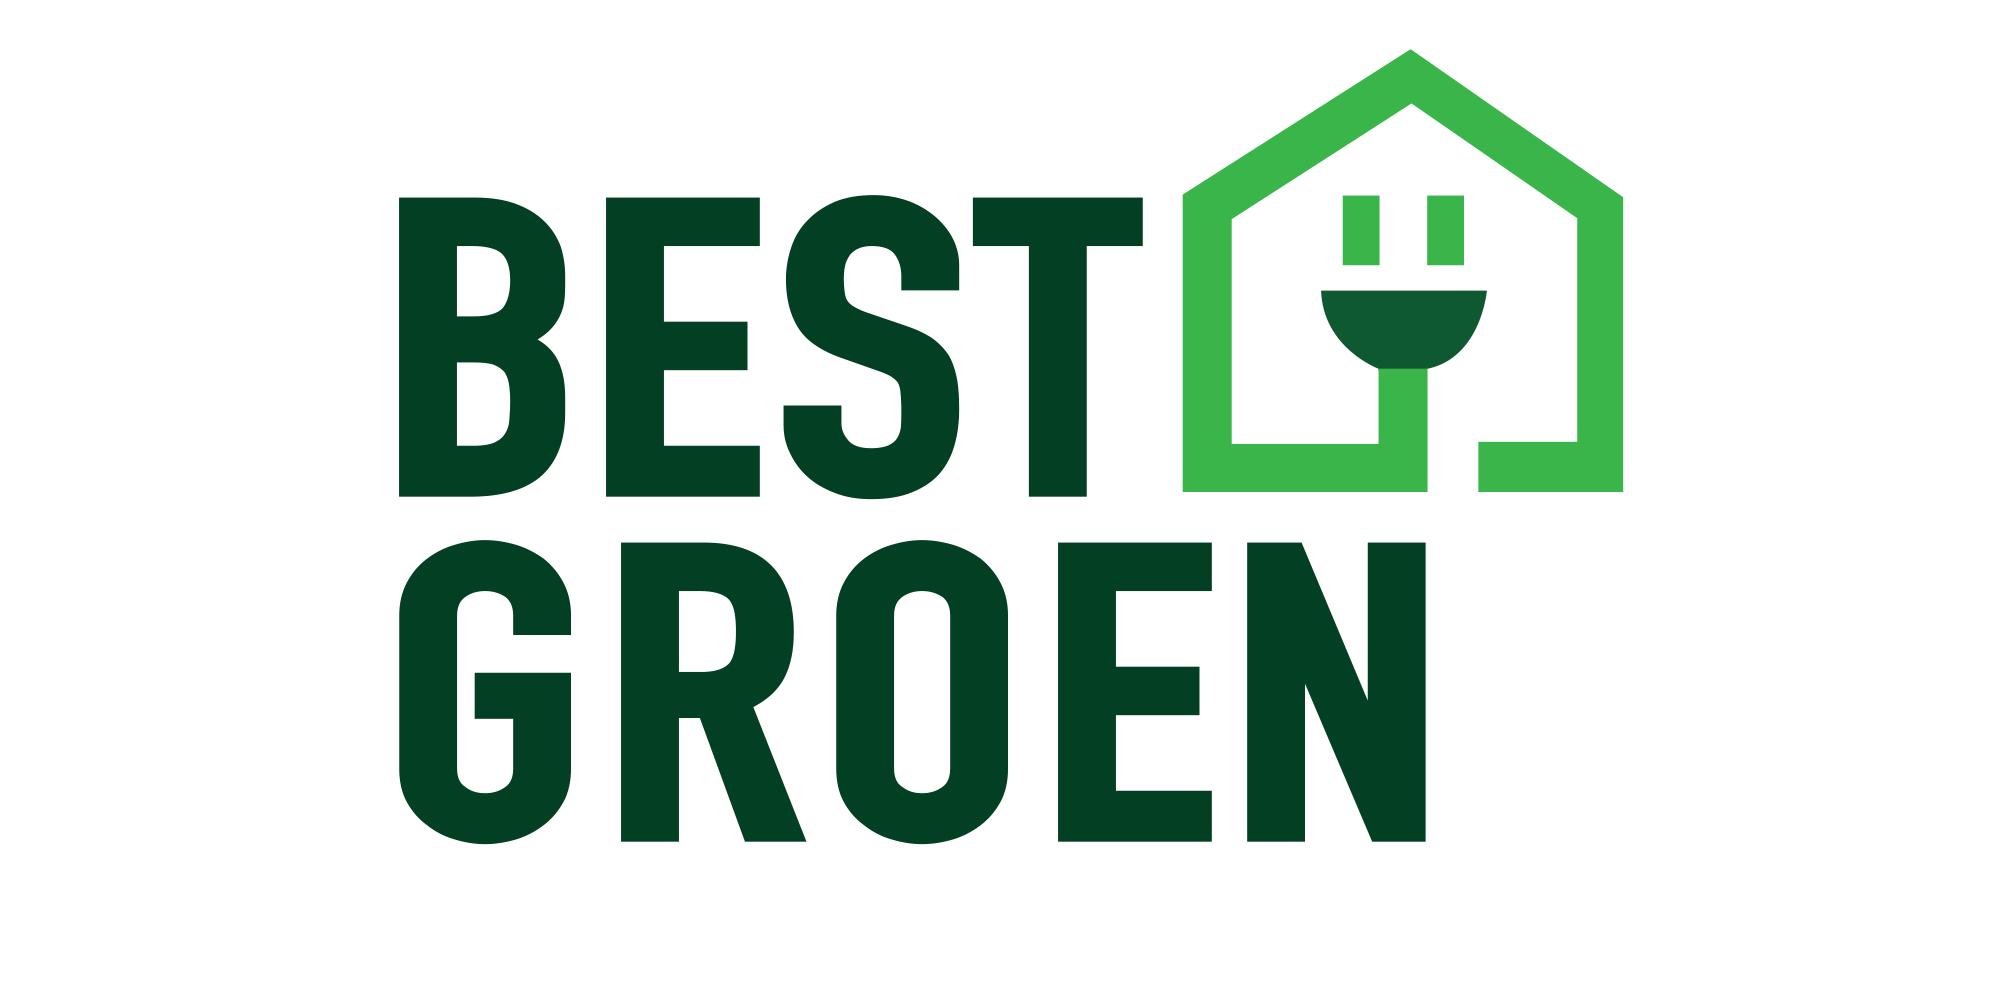 Best Groen